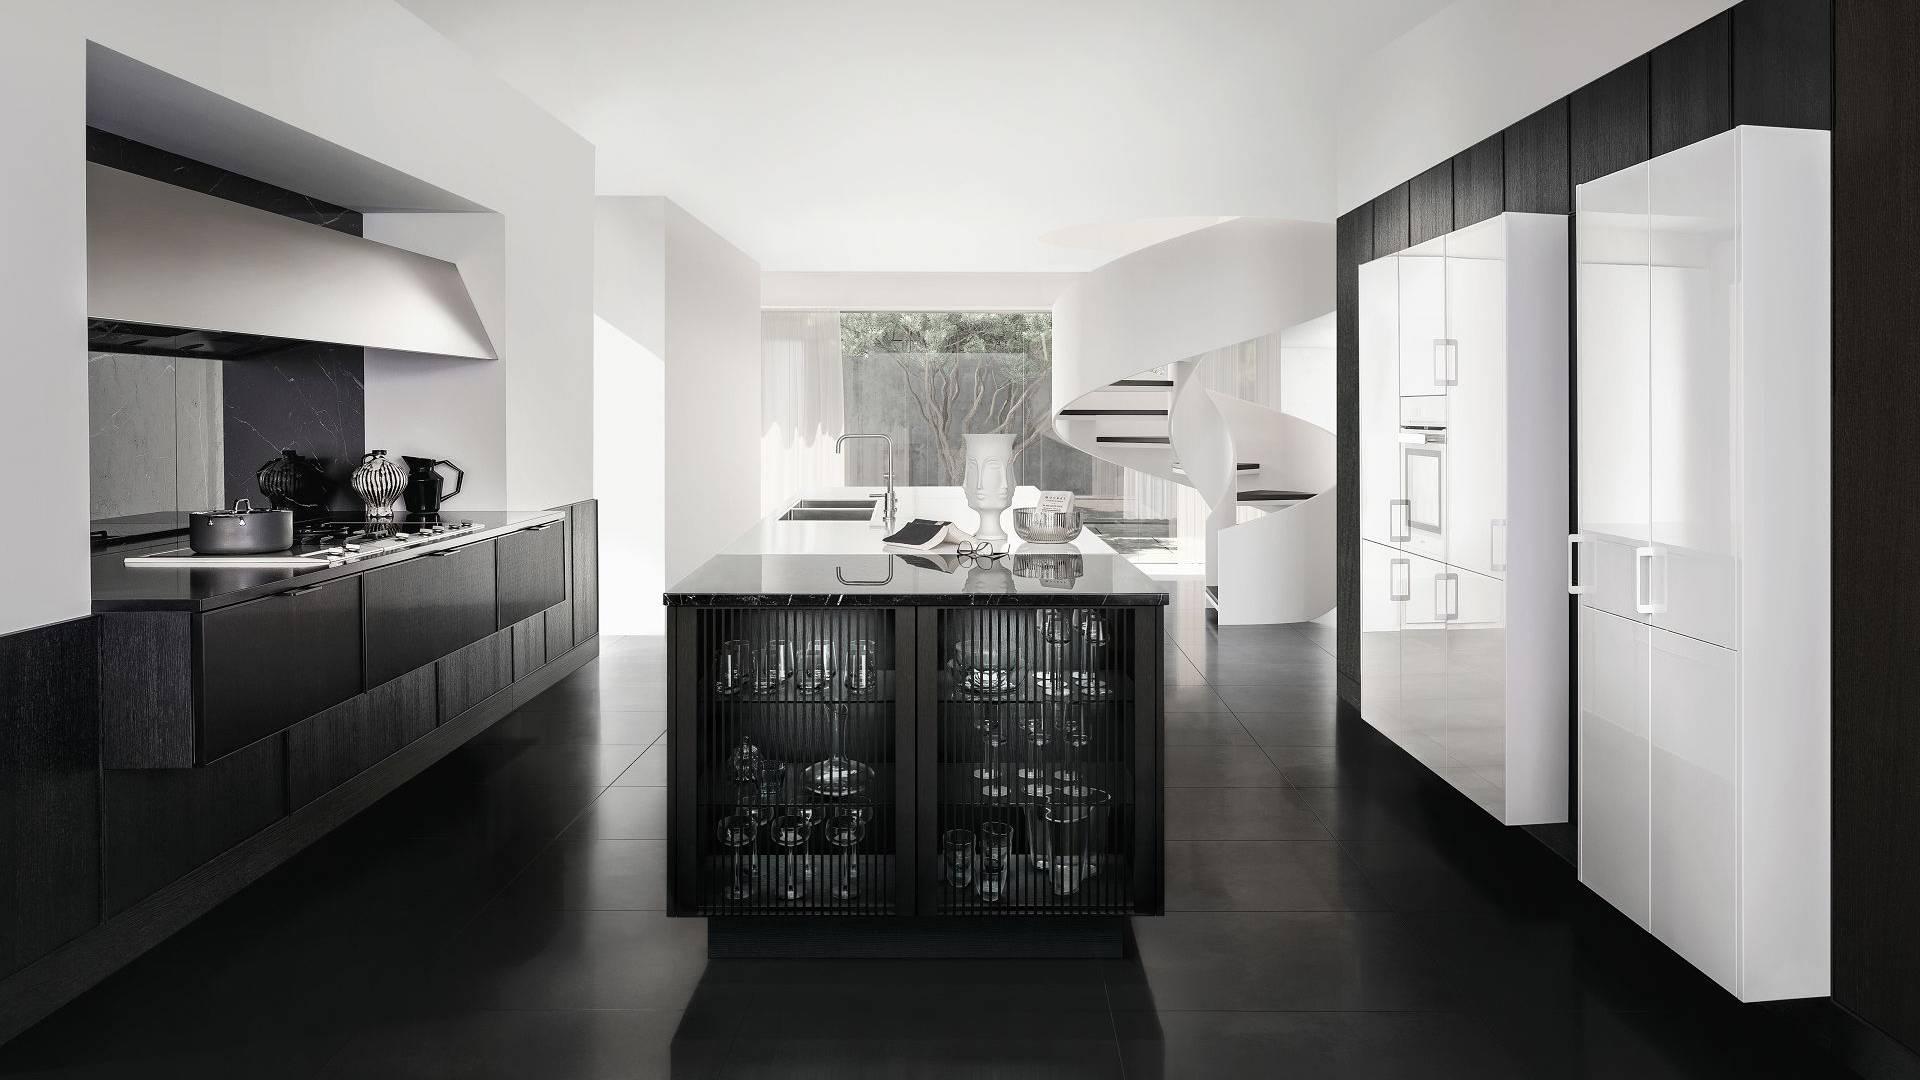 Aperçu de la cuisine design minimaliste SieMatic Pure SE 3003 R en blanc titane et bois de chêne noir mat avec ilot central.